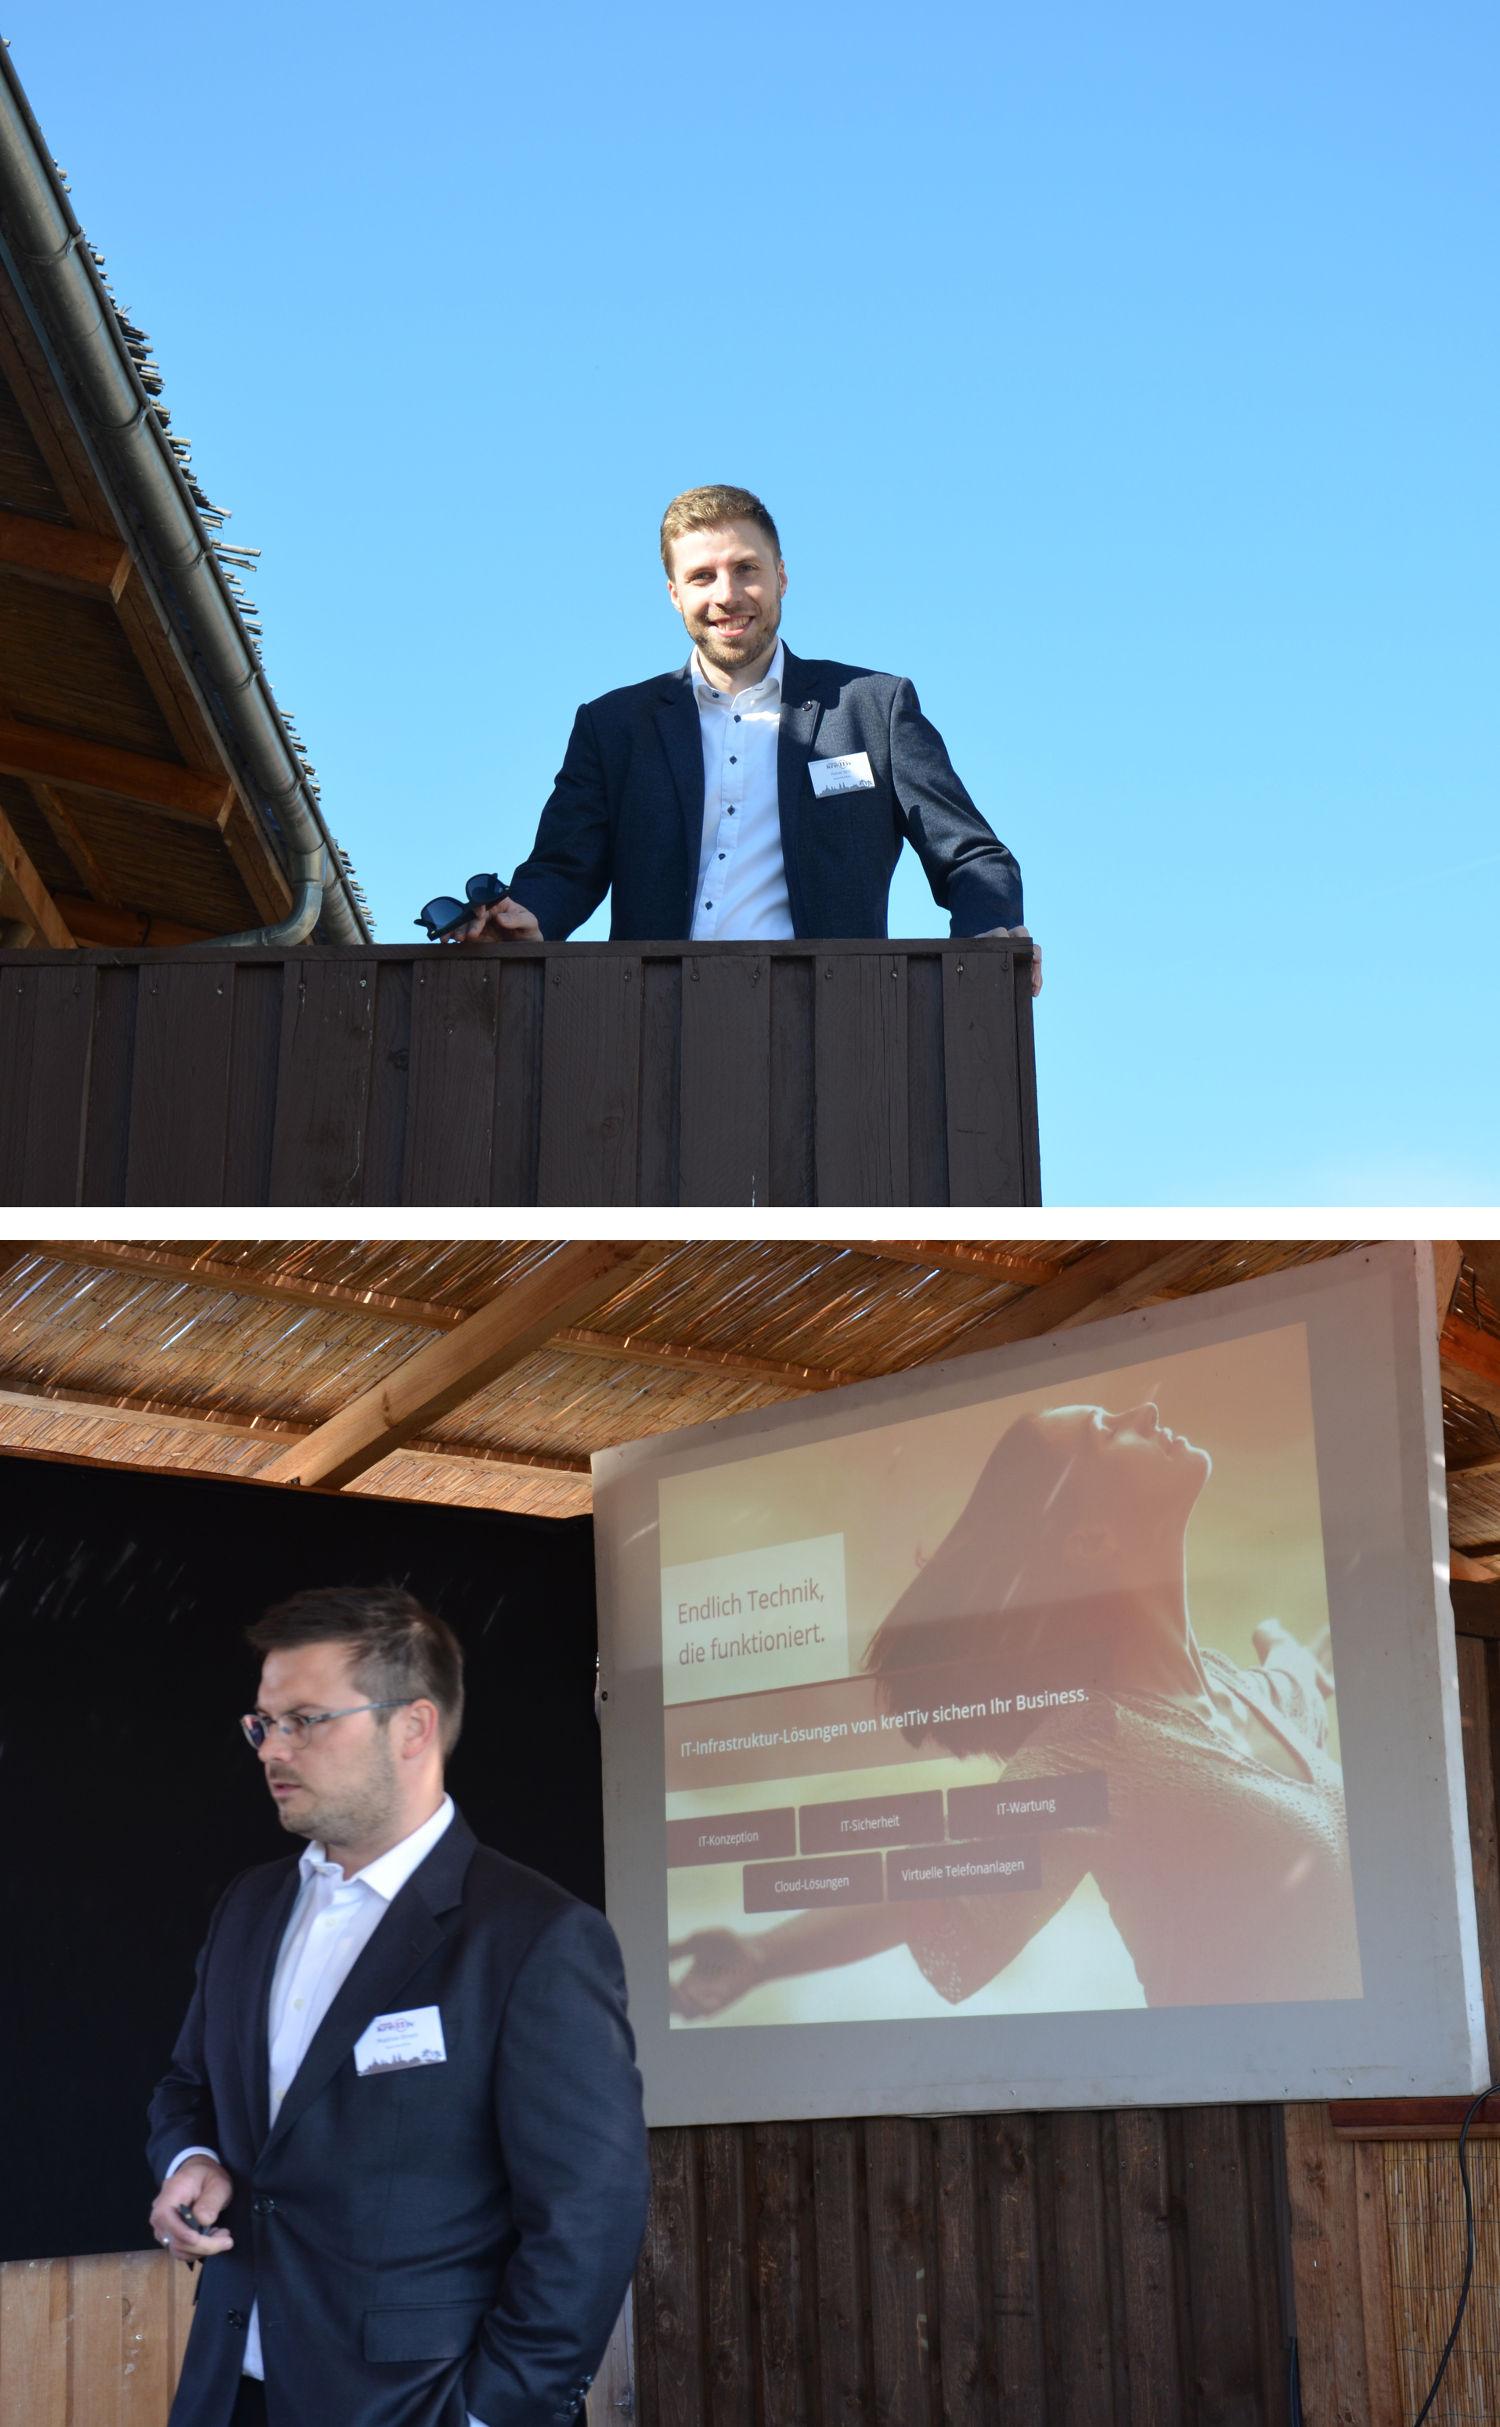 kreITiv Geschäftsführer Rainer Witt und Matthias Ehnert